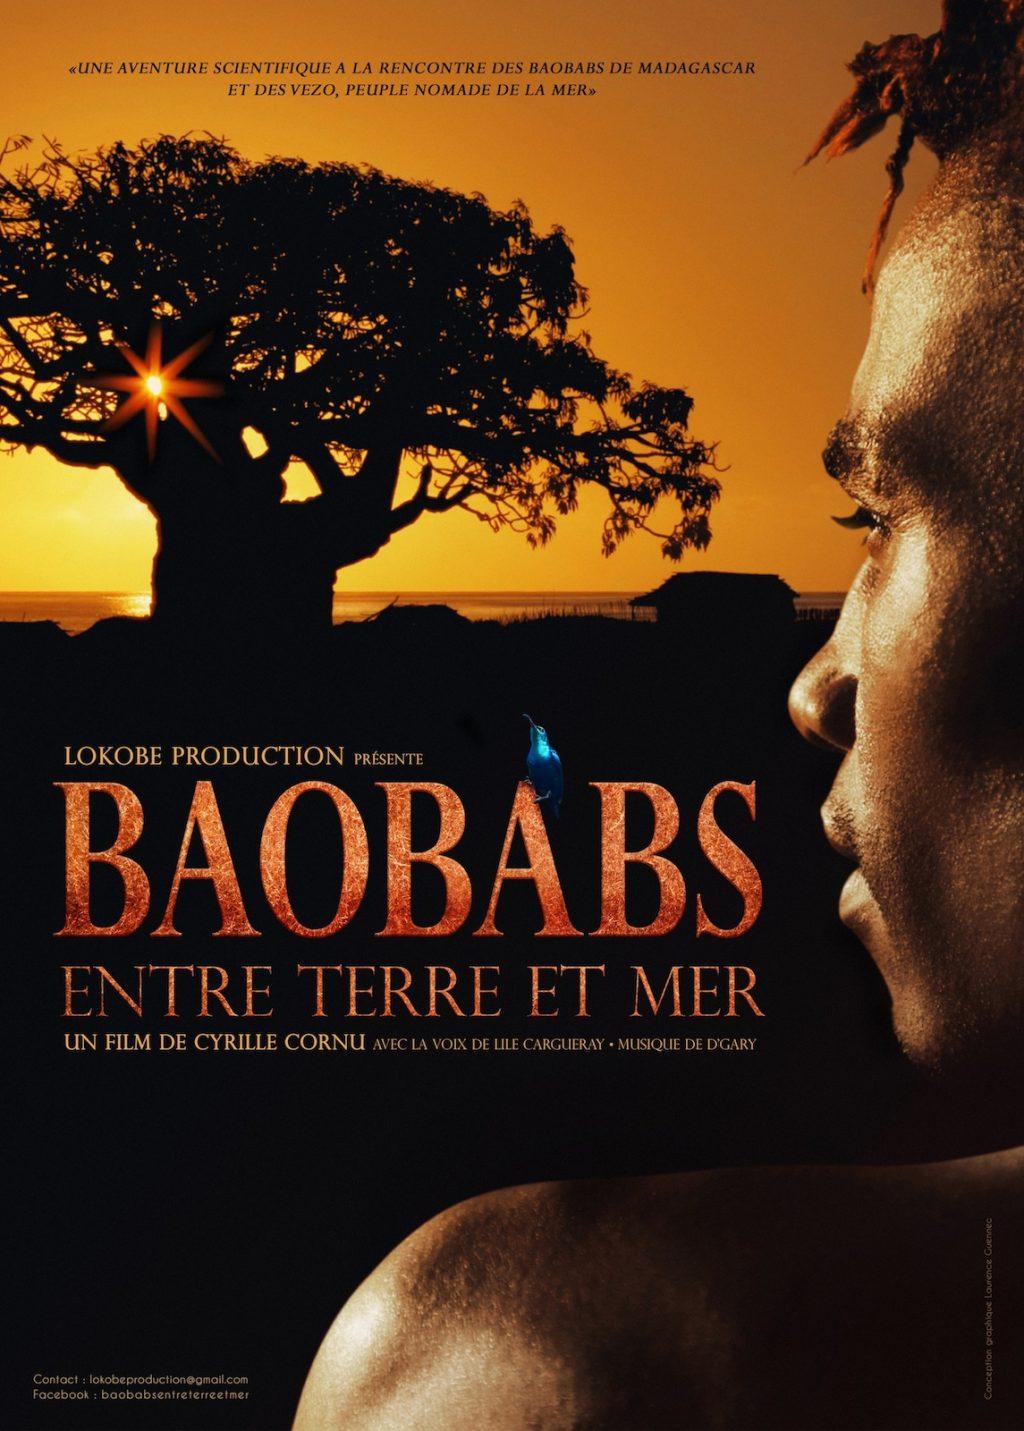 Baobabs entre terre et mer